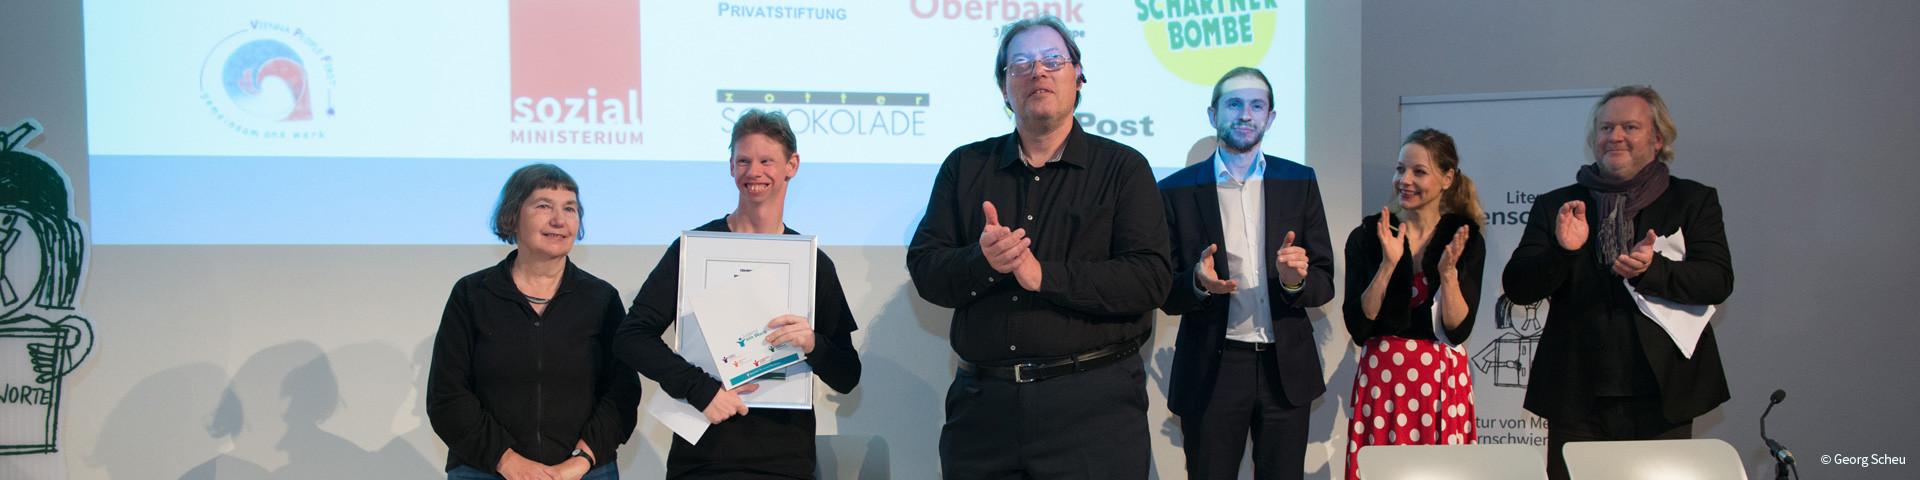 Literaturpreis Ohrenschmaus 2017